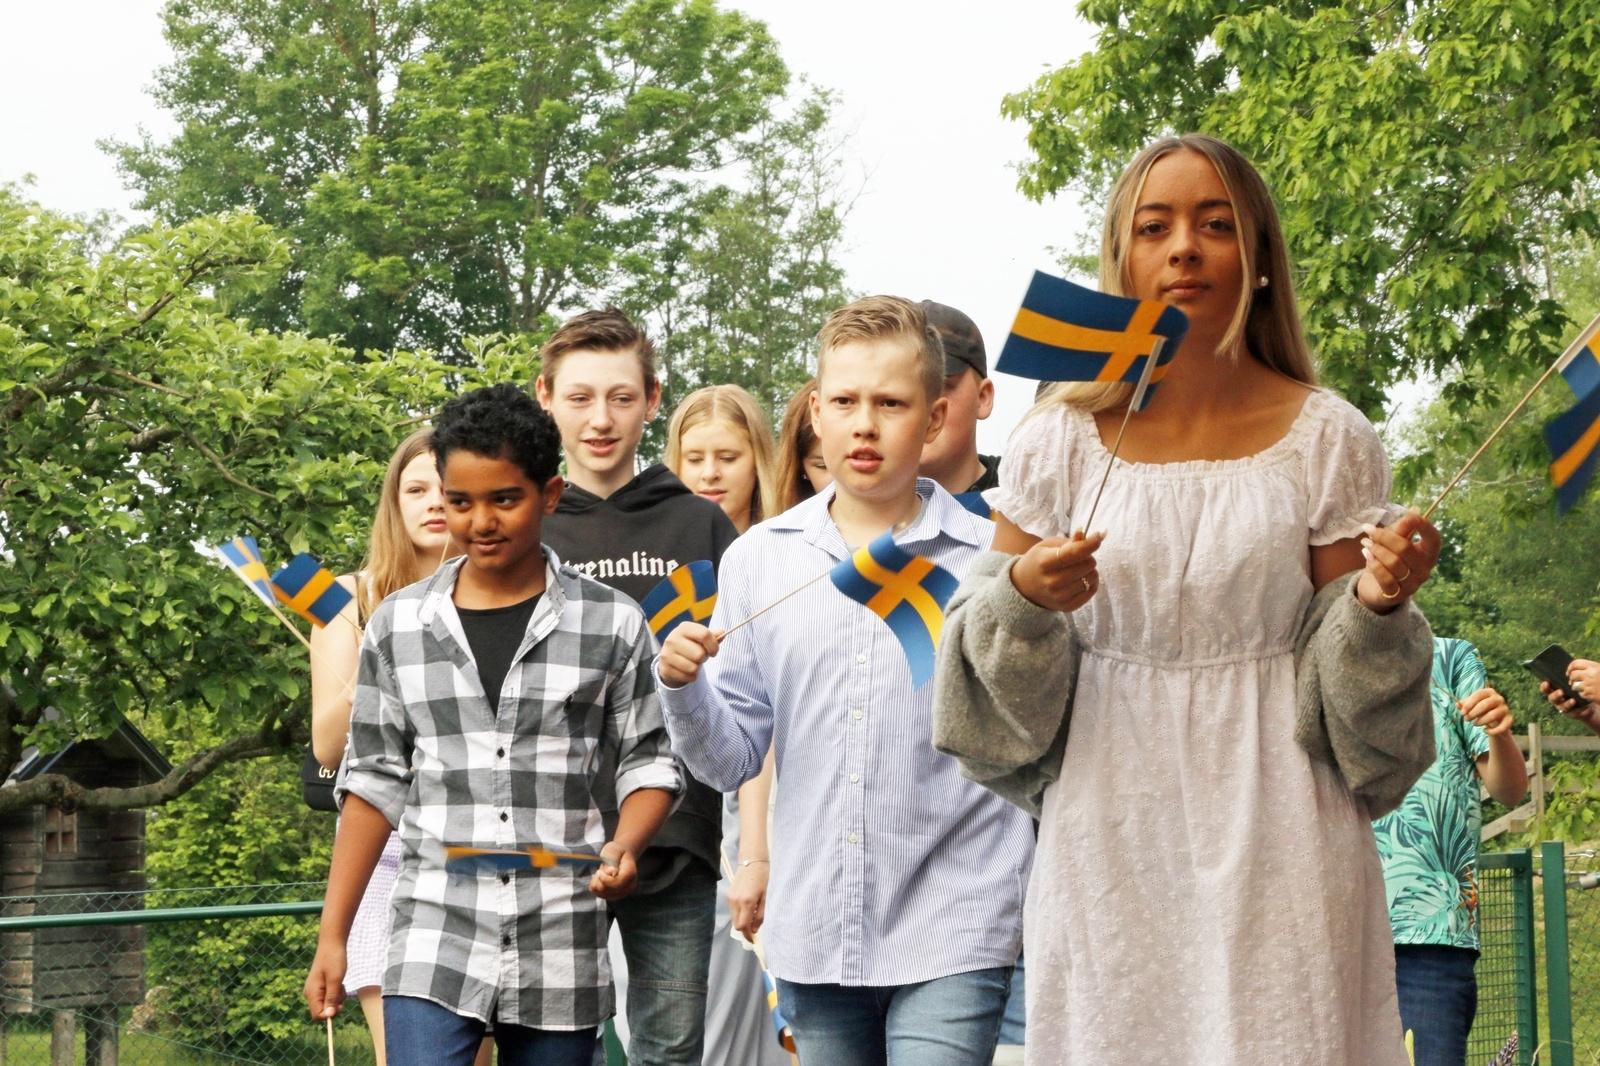 Avslutningsceremonin inleddes med att sexorna tågade in med flaggor i högsta hugg.